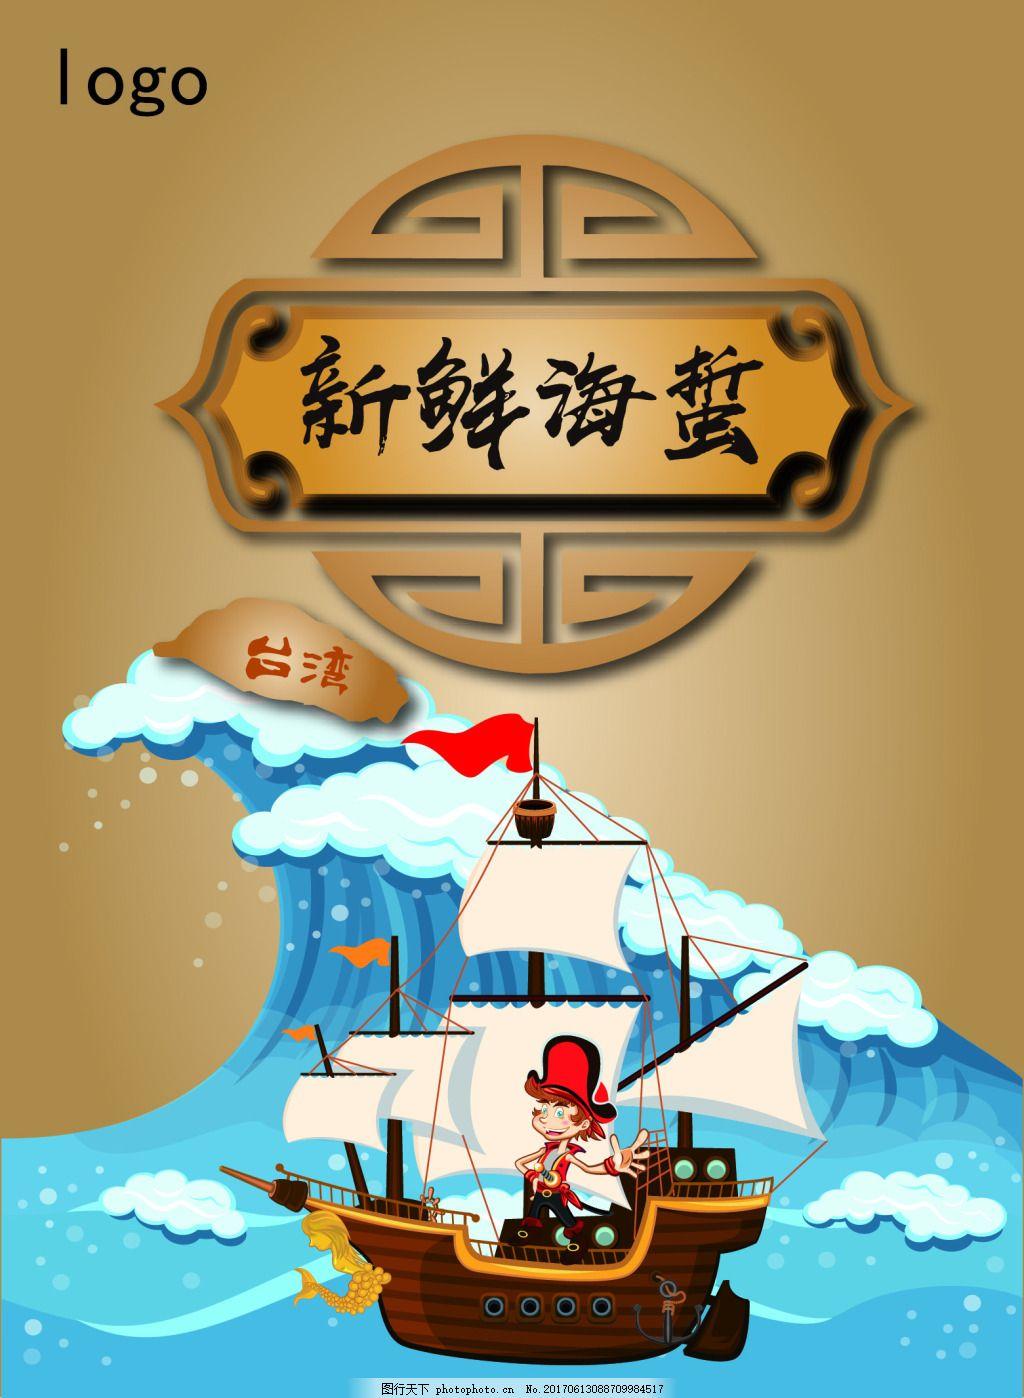 新鲜海蜇包装设计 船 船长 大海 新鲜海蜇字体 边框 古典 台湾